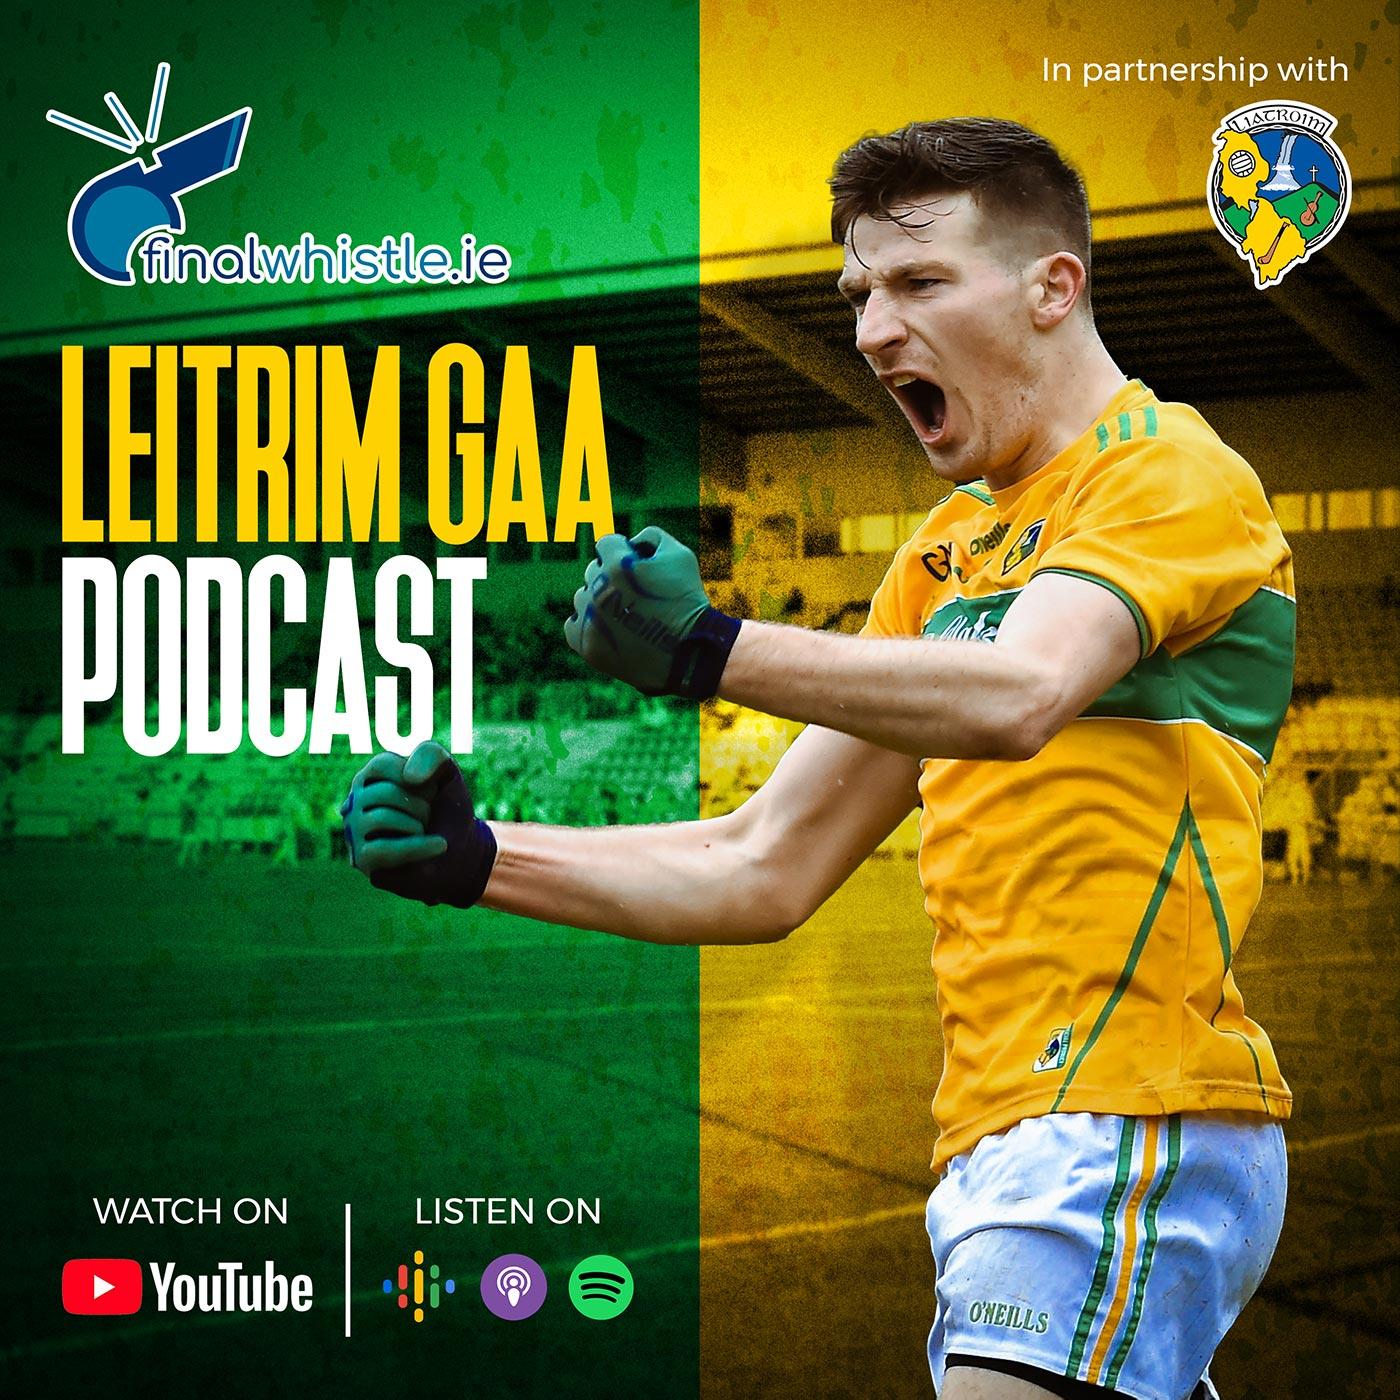 Artwork for podcast Leitrim GAA Podcast